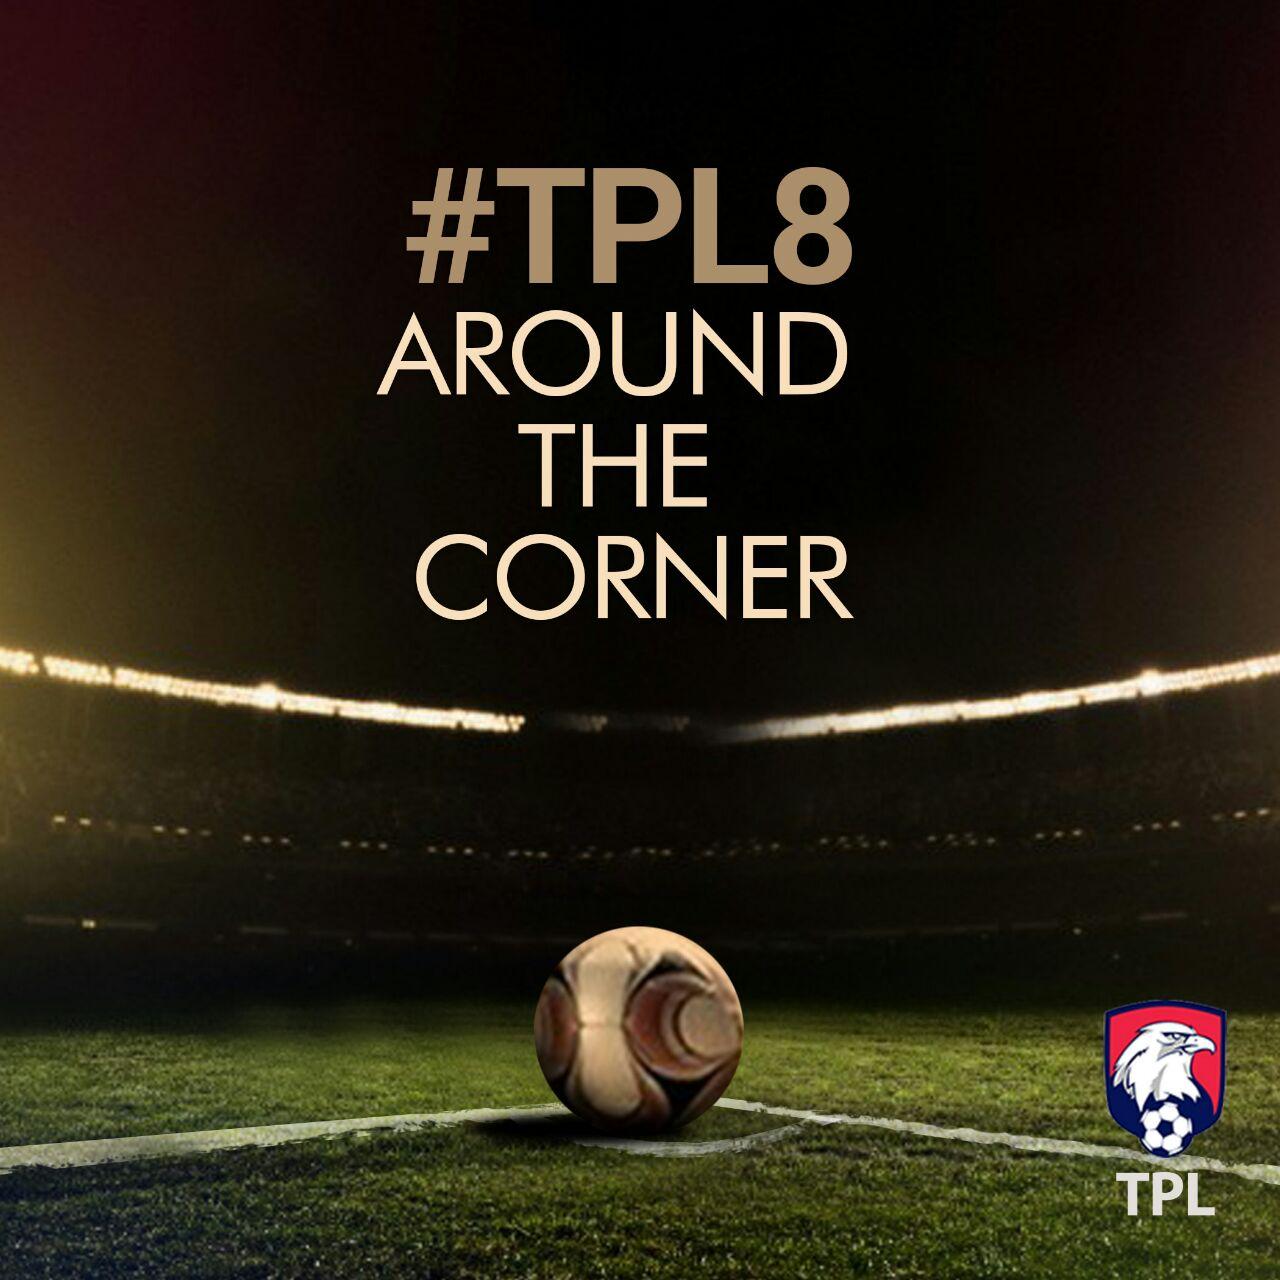 Anticipate #TPL8